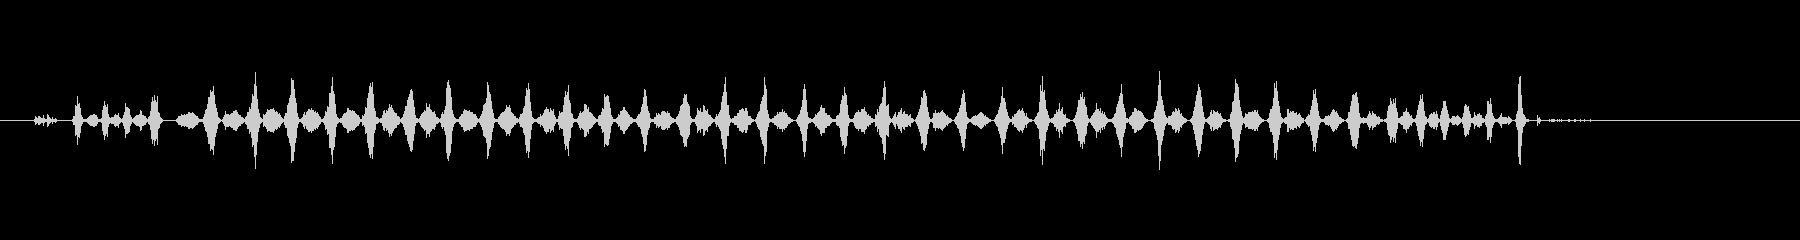 丸鋸の未再生の波形